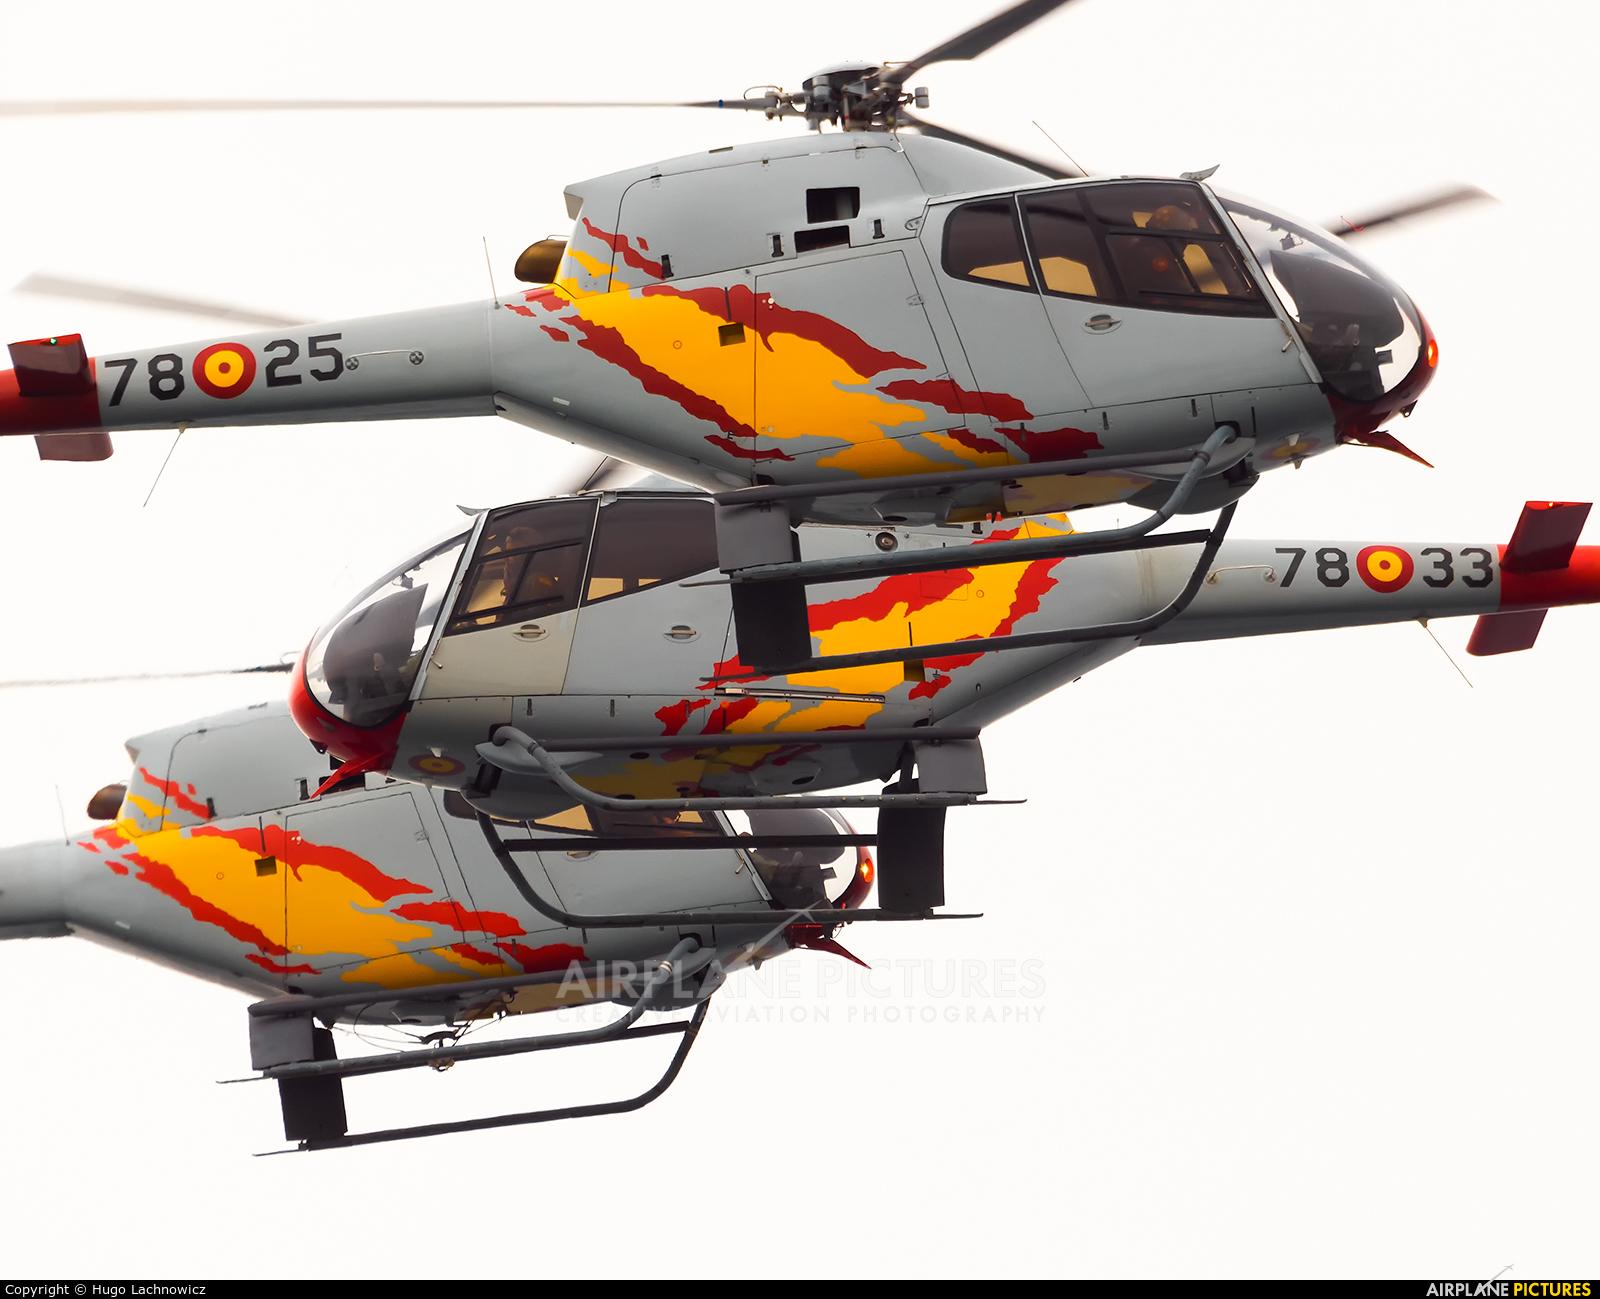 Spain - Air Force: Patrulla ASPA - aircraft at Málaga - Torre del Mar